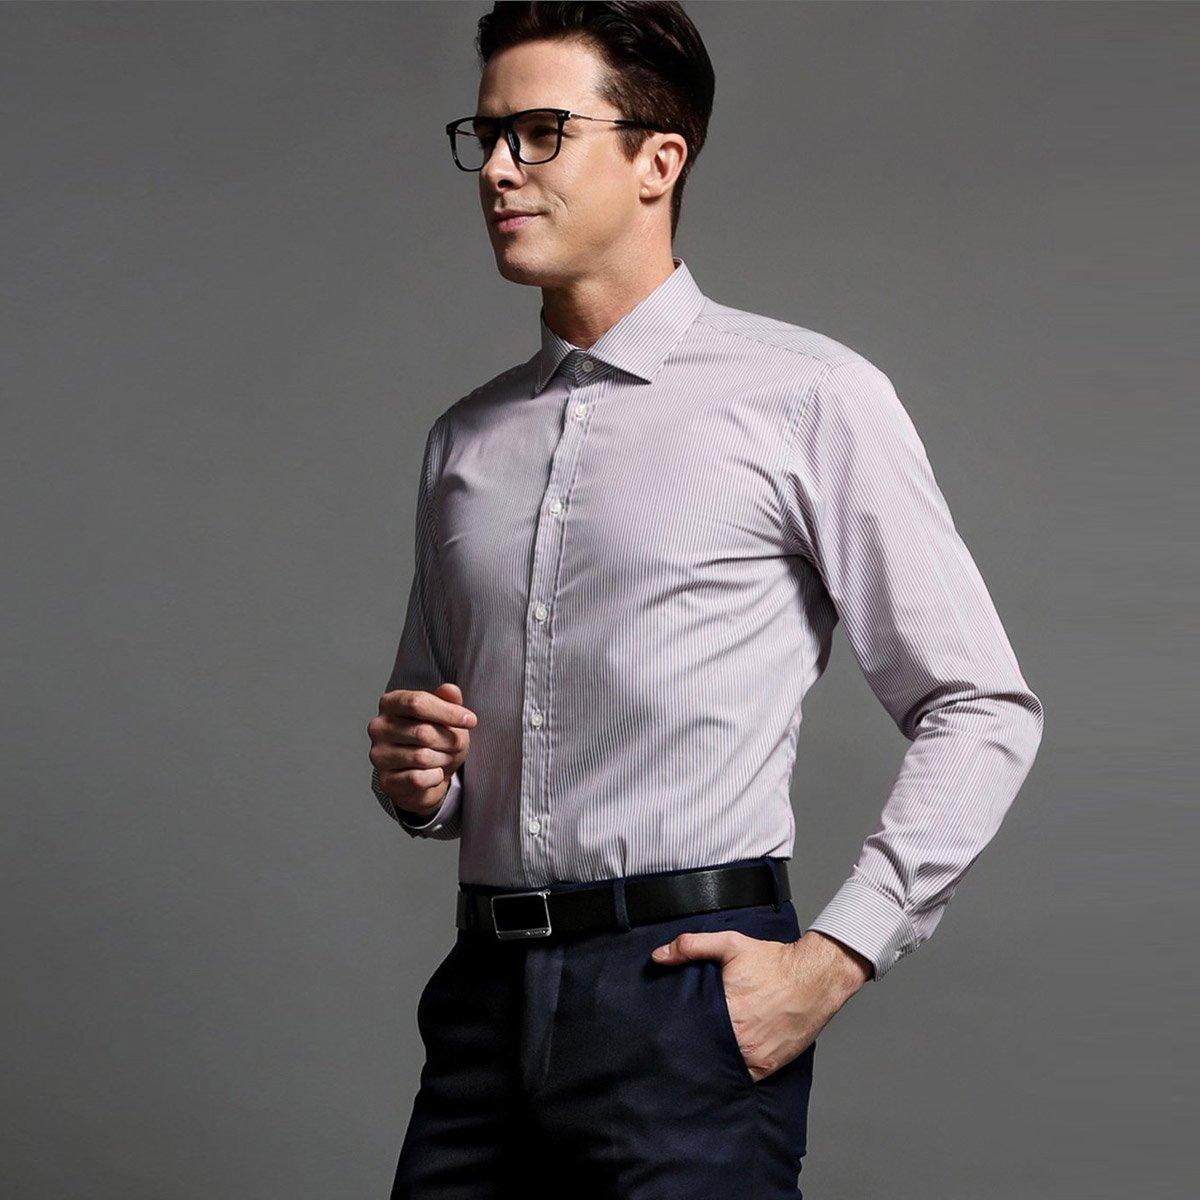 男士正装衬衣图片_报喜鸟男士正装条纹长袖衬衫EBC93061U581_唯品会